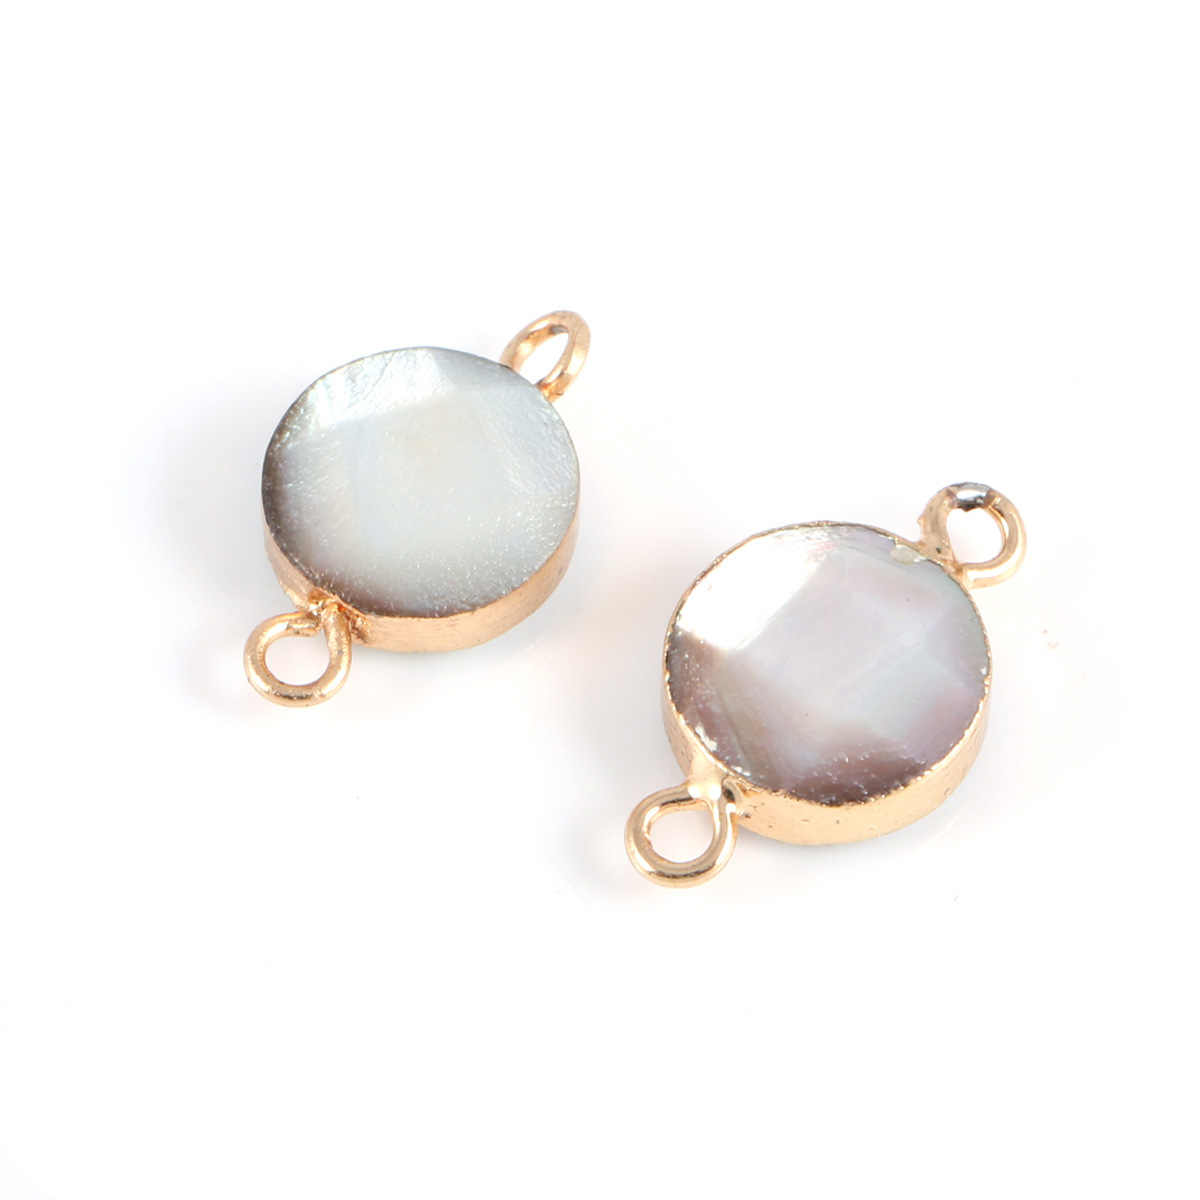 ตัวเชื่อมต่อธรรมชาติรอบ Pearl SHELL PURE NATURAL Abalone SHELL ซองจดหมาย CONNECTOR แหวนคู่จี้ DIY Trim จี้ 10x18 มม.